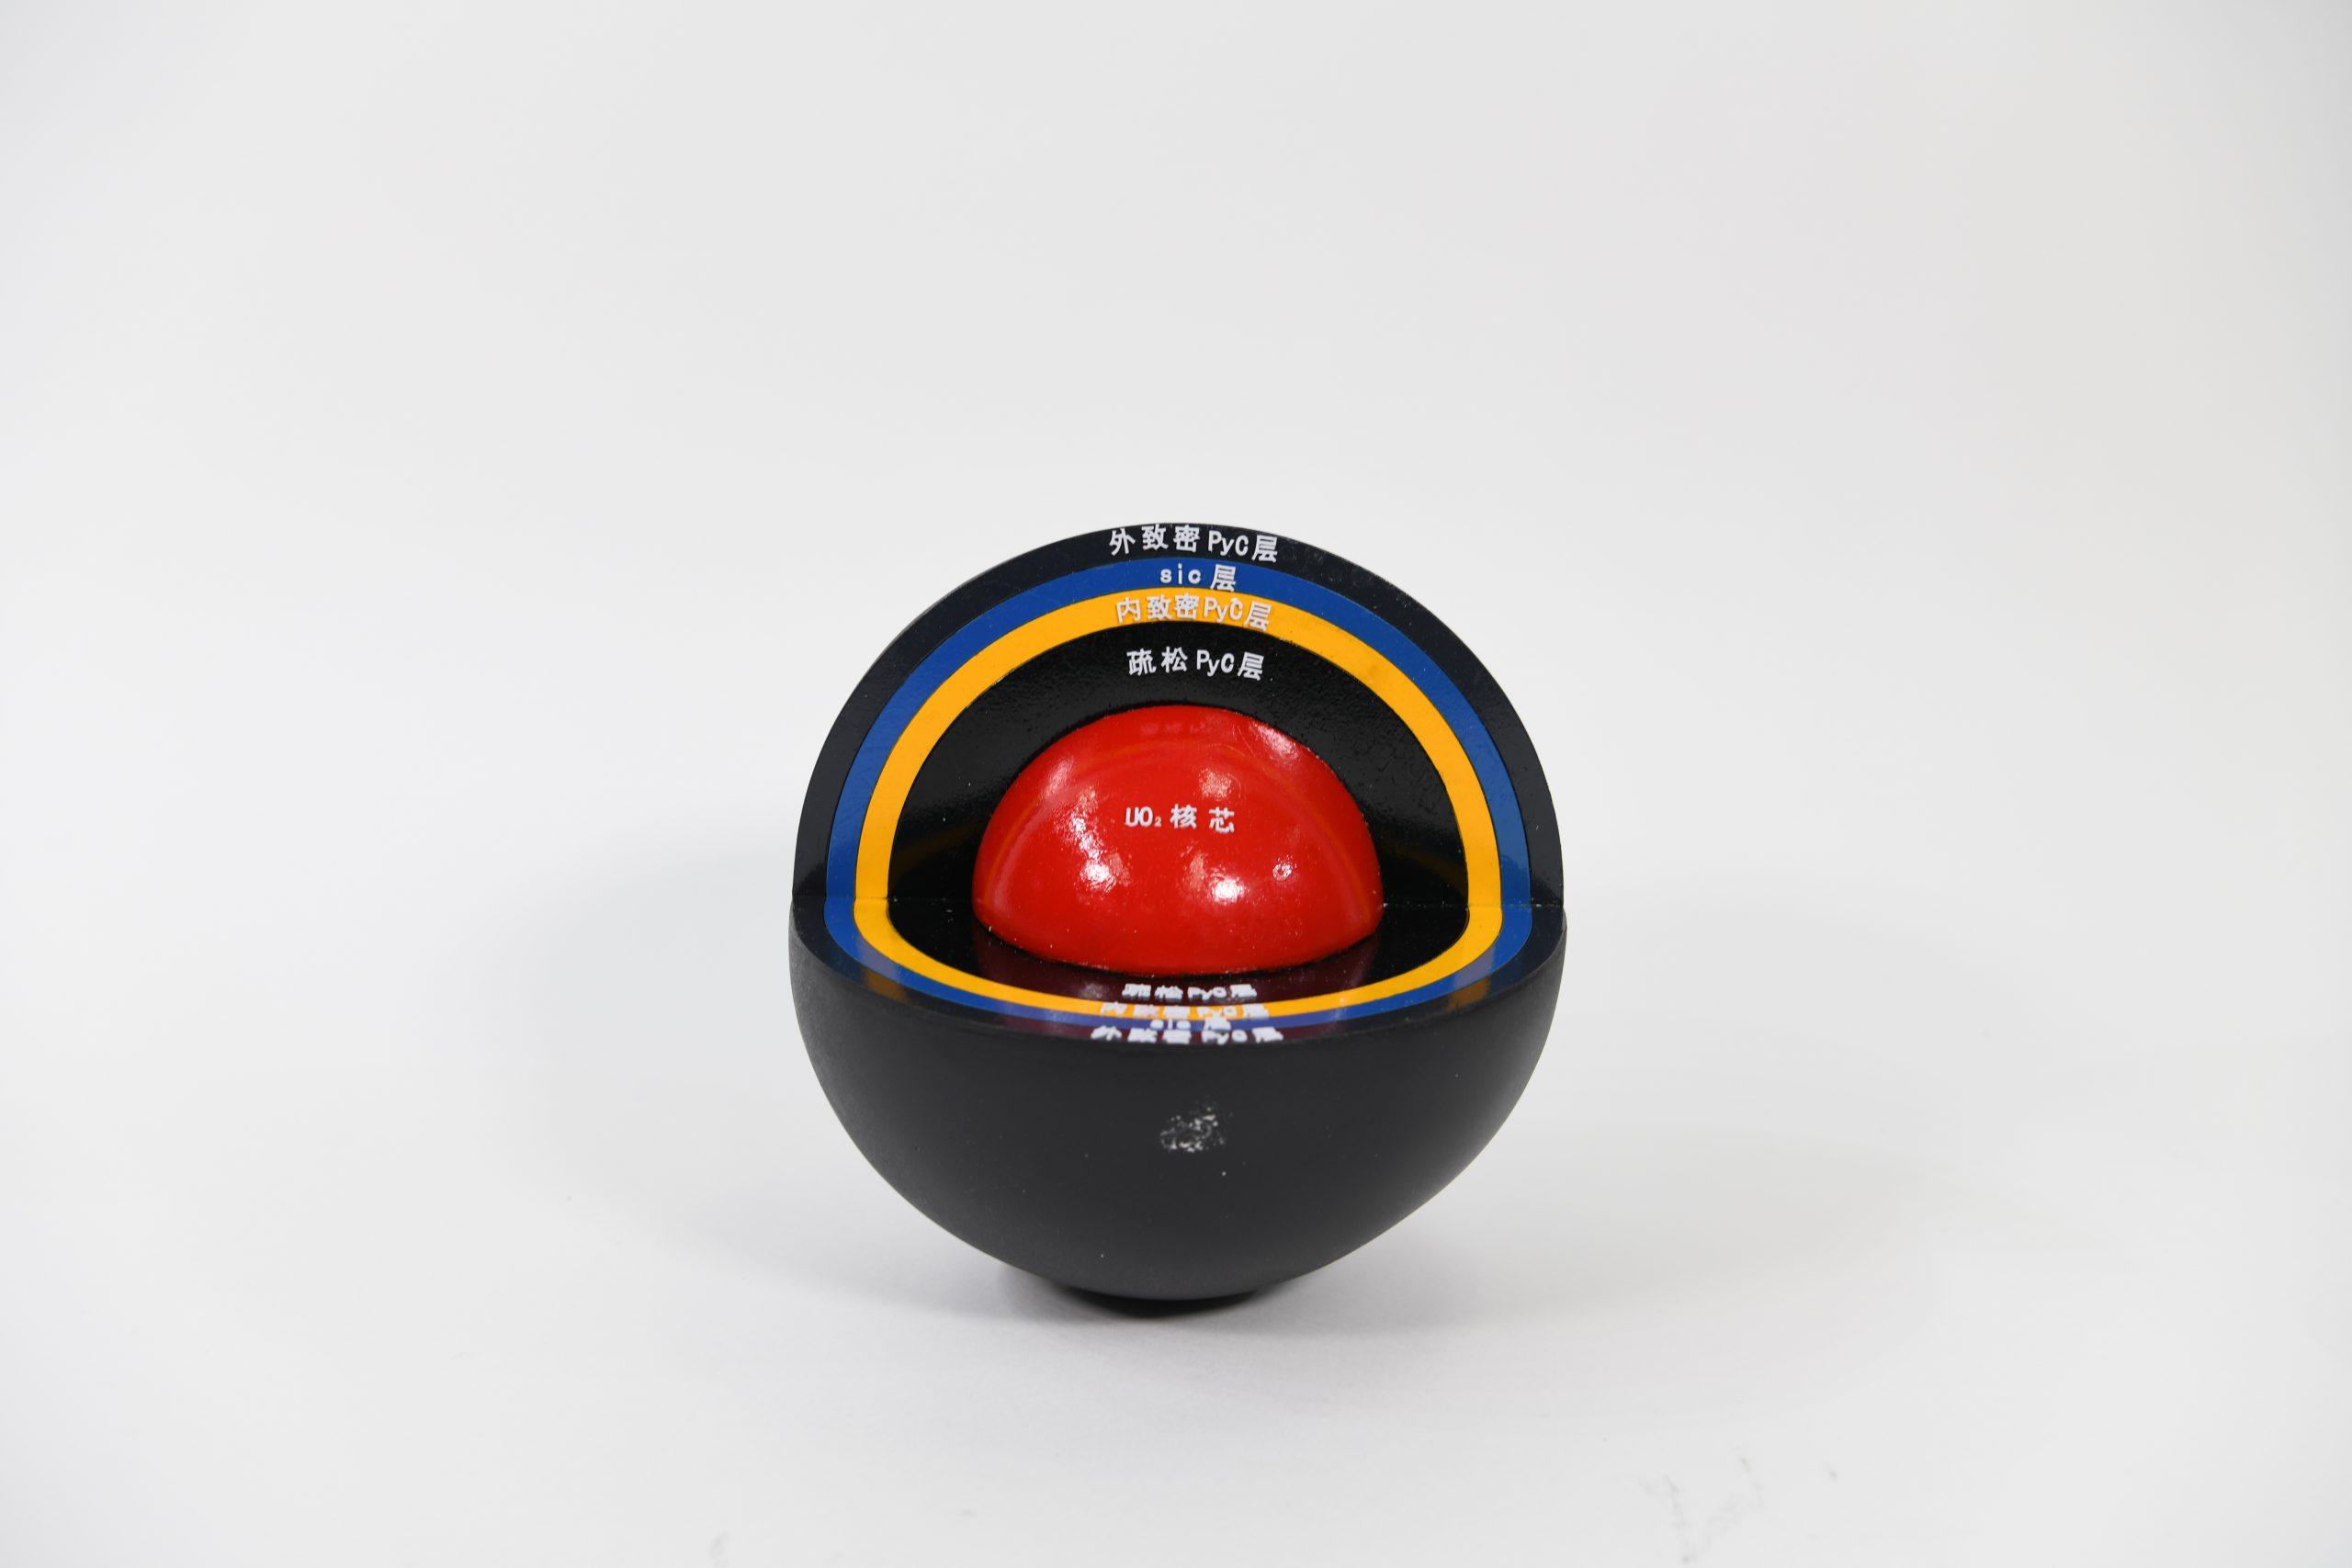 清华大学核研院向我馆捐赠高温气冷堆球形核燃料元件及模型